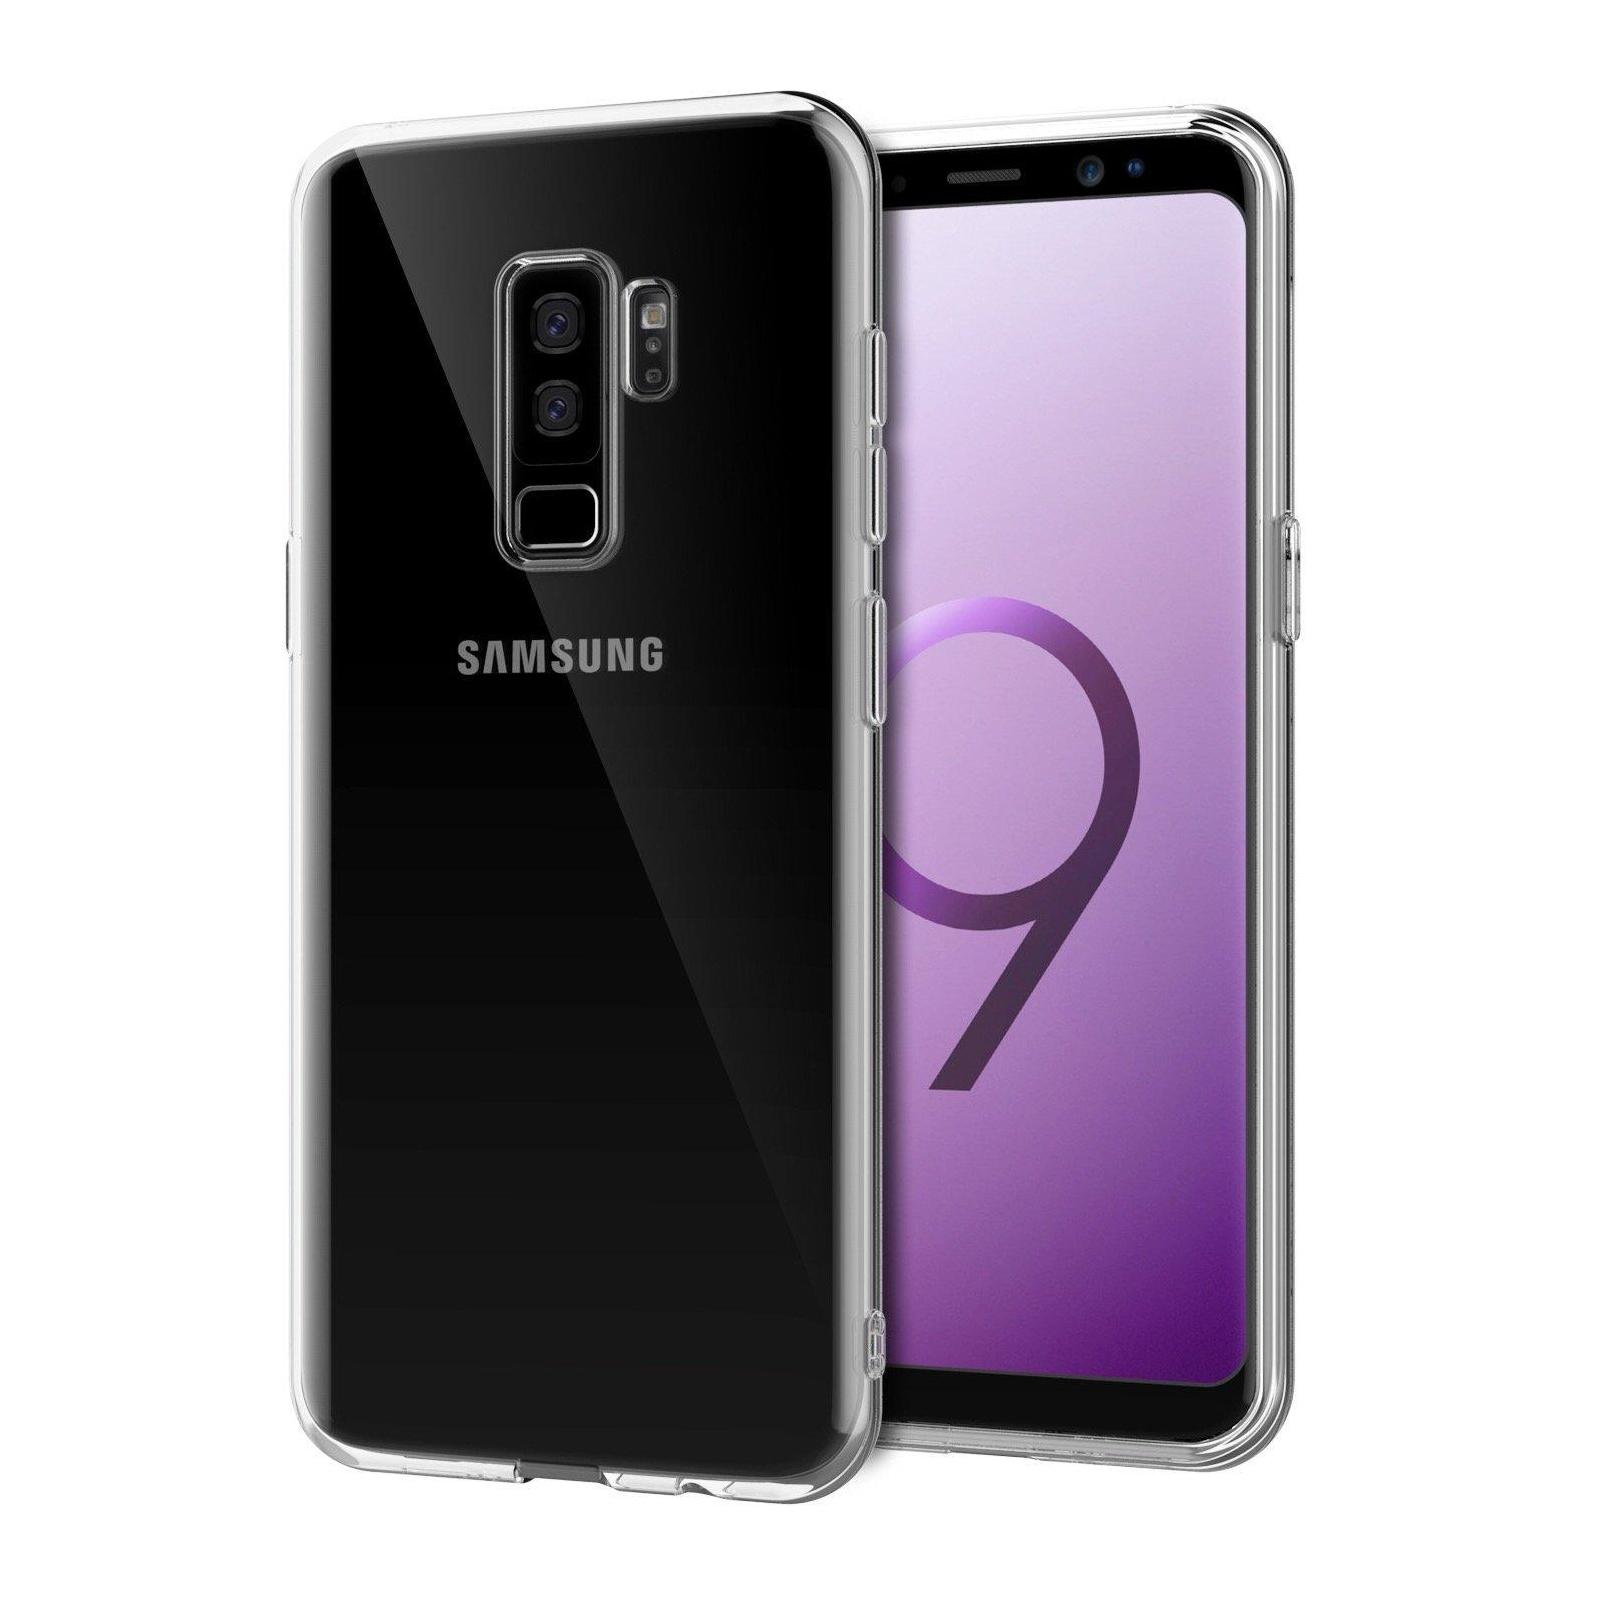 Чехол для моб. телефона Laudtec для SAMSUNG Galaxy S9 Plus Clear tpu (Transperent) (LC-GS9PB) изображение 7